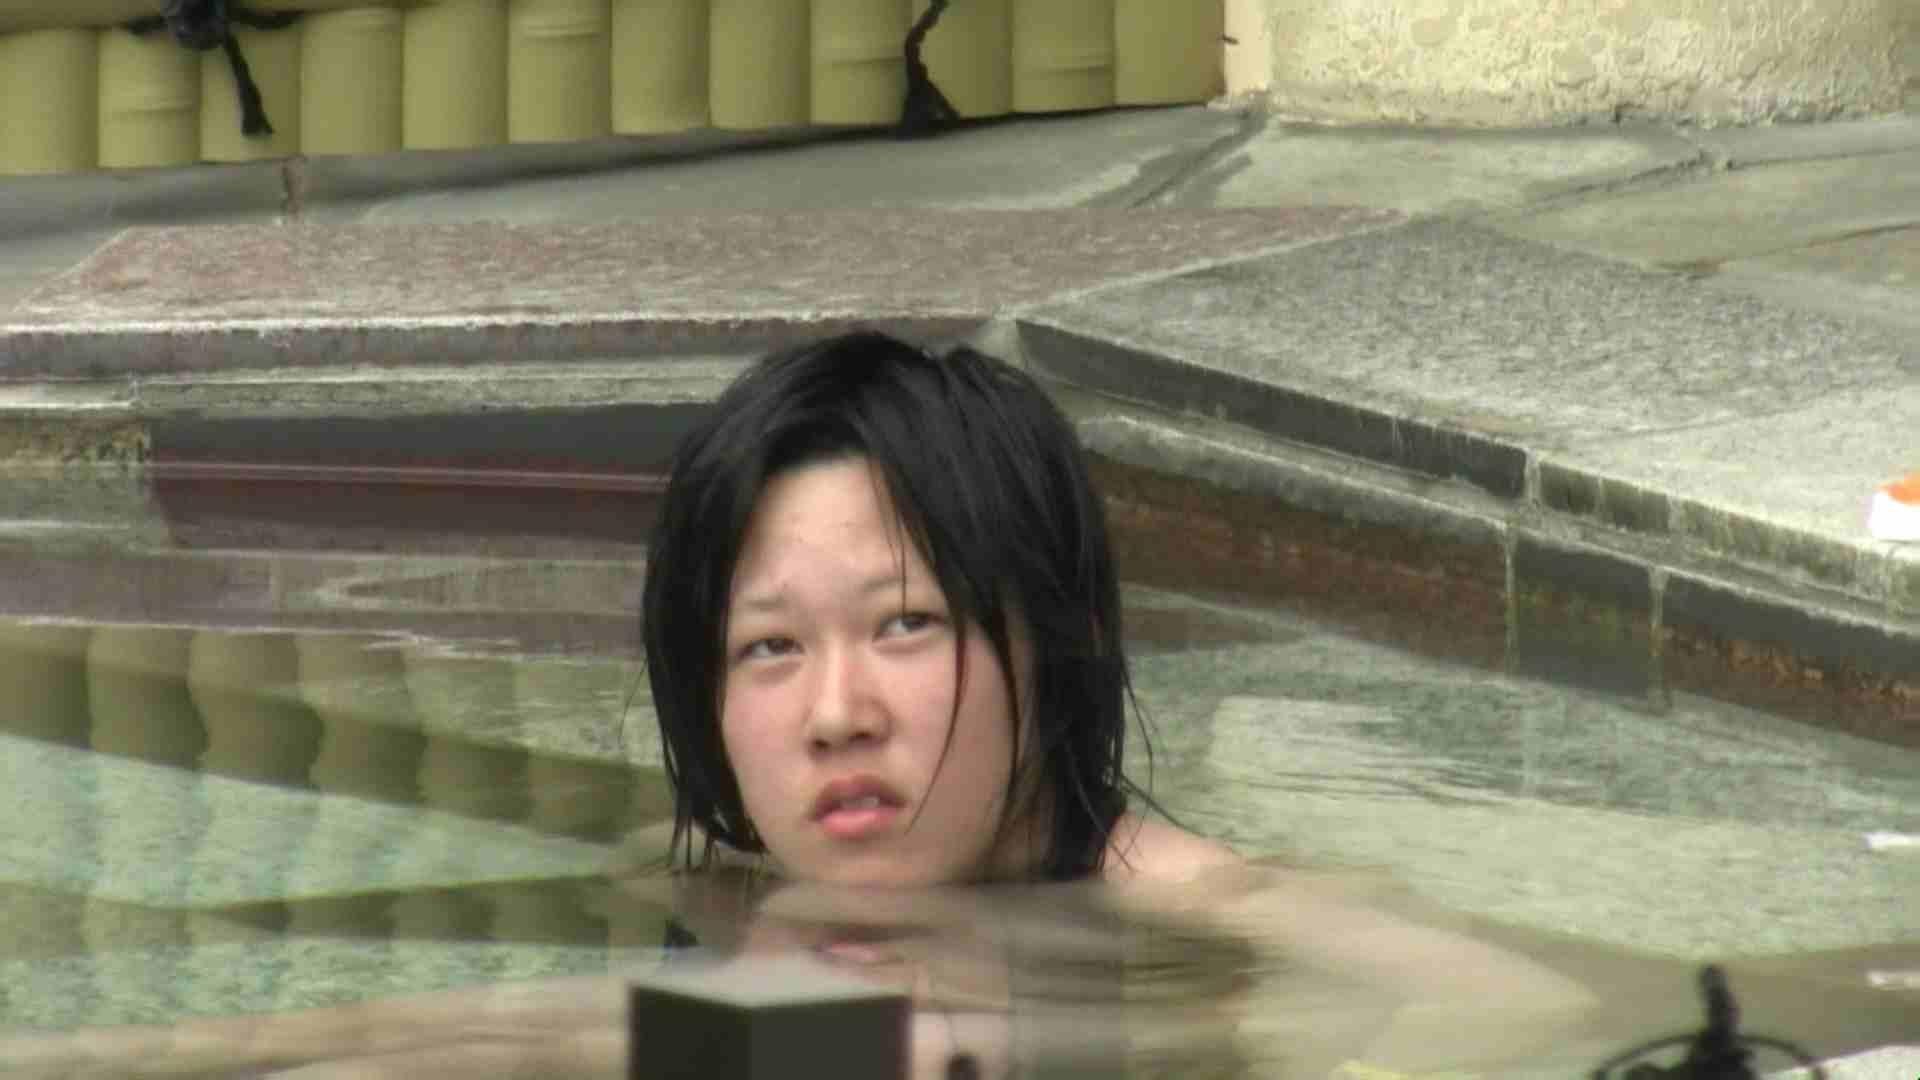 Aquaな露天風呂Vol.36 盗撮シリーズ  99PIX 62